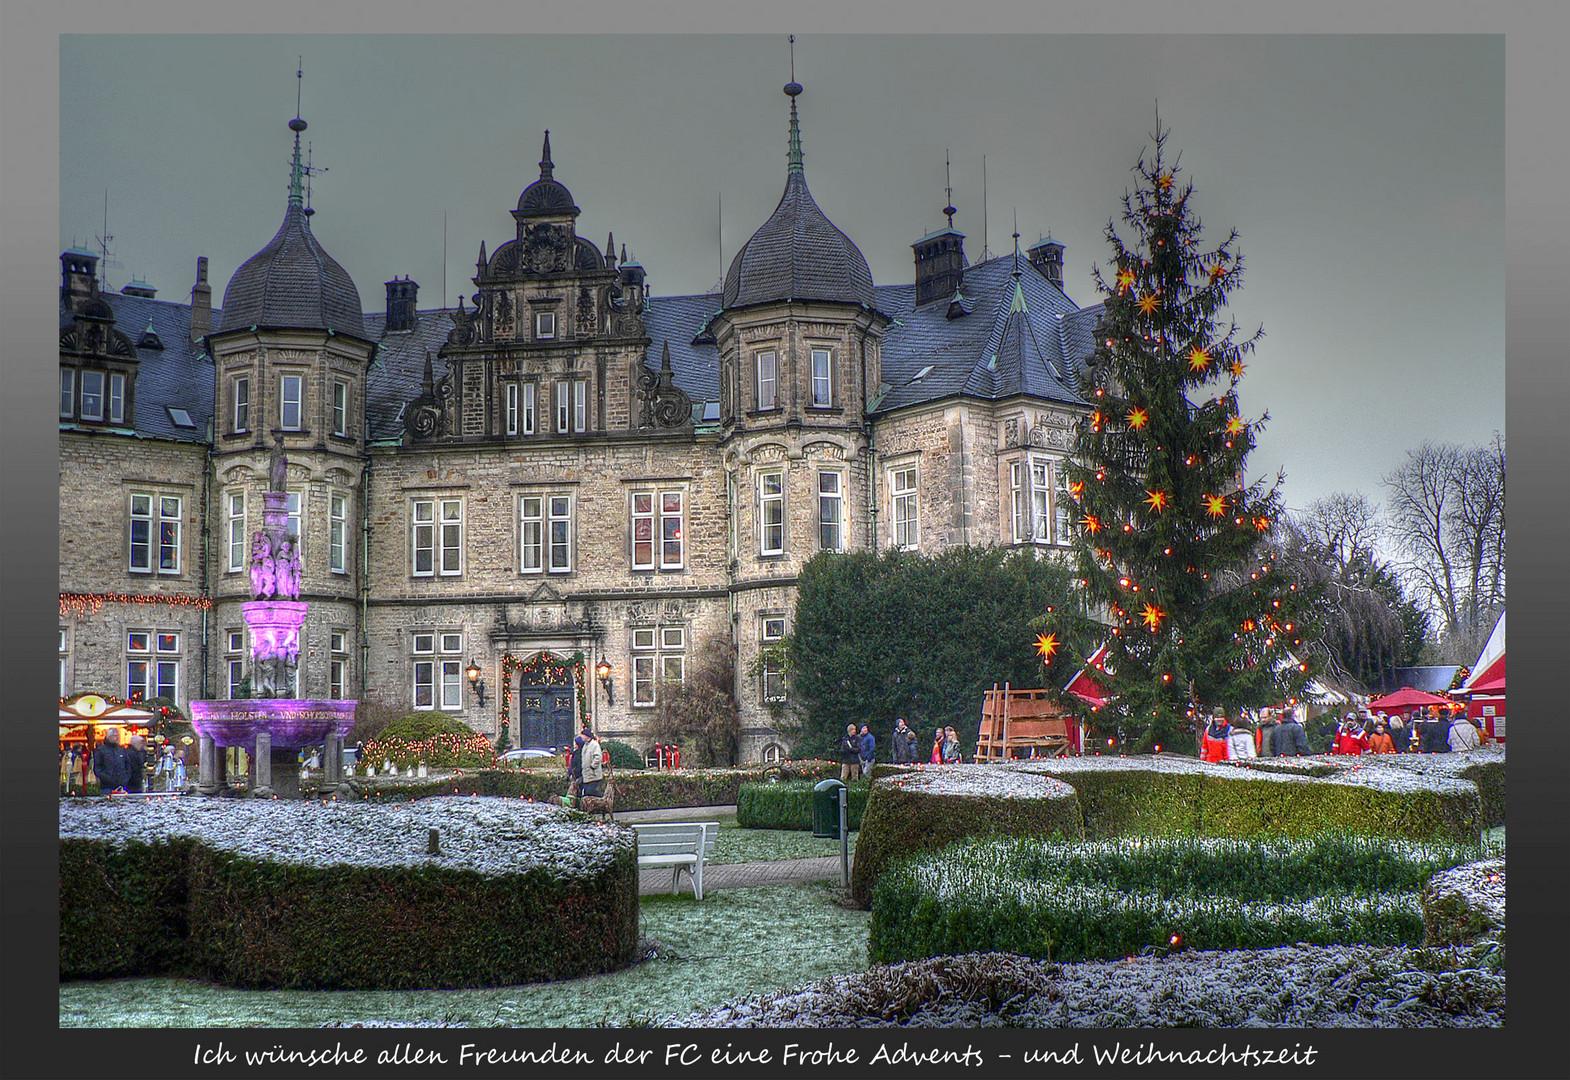 Weihnachtsmarkt in Bückeburg